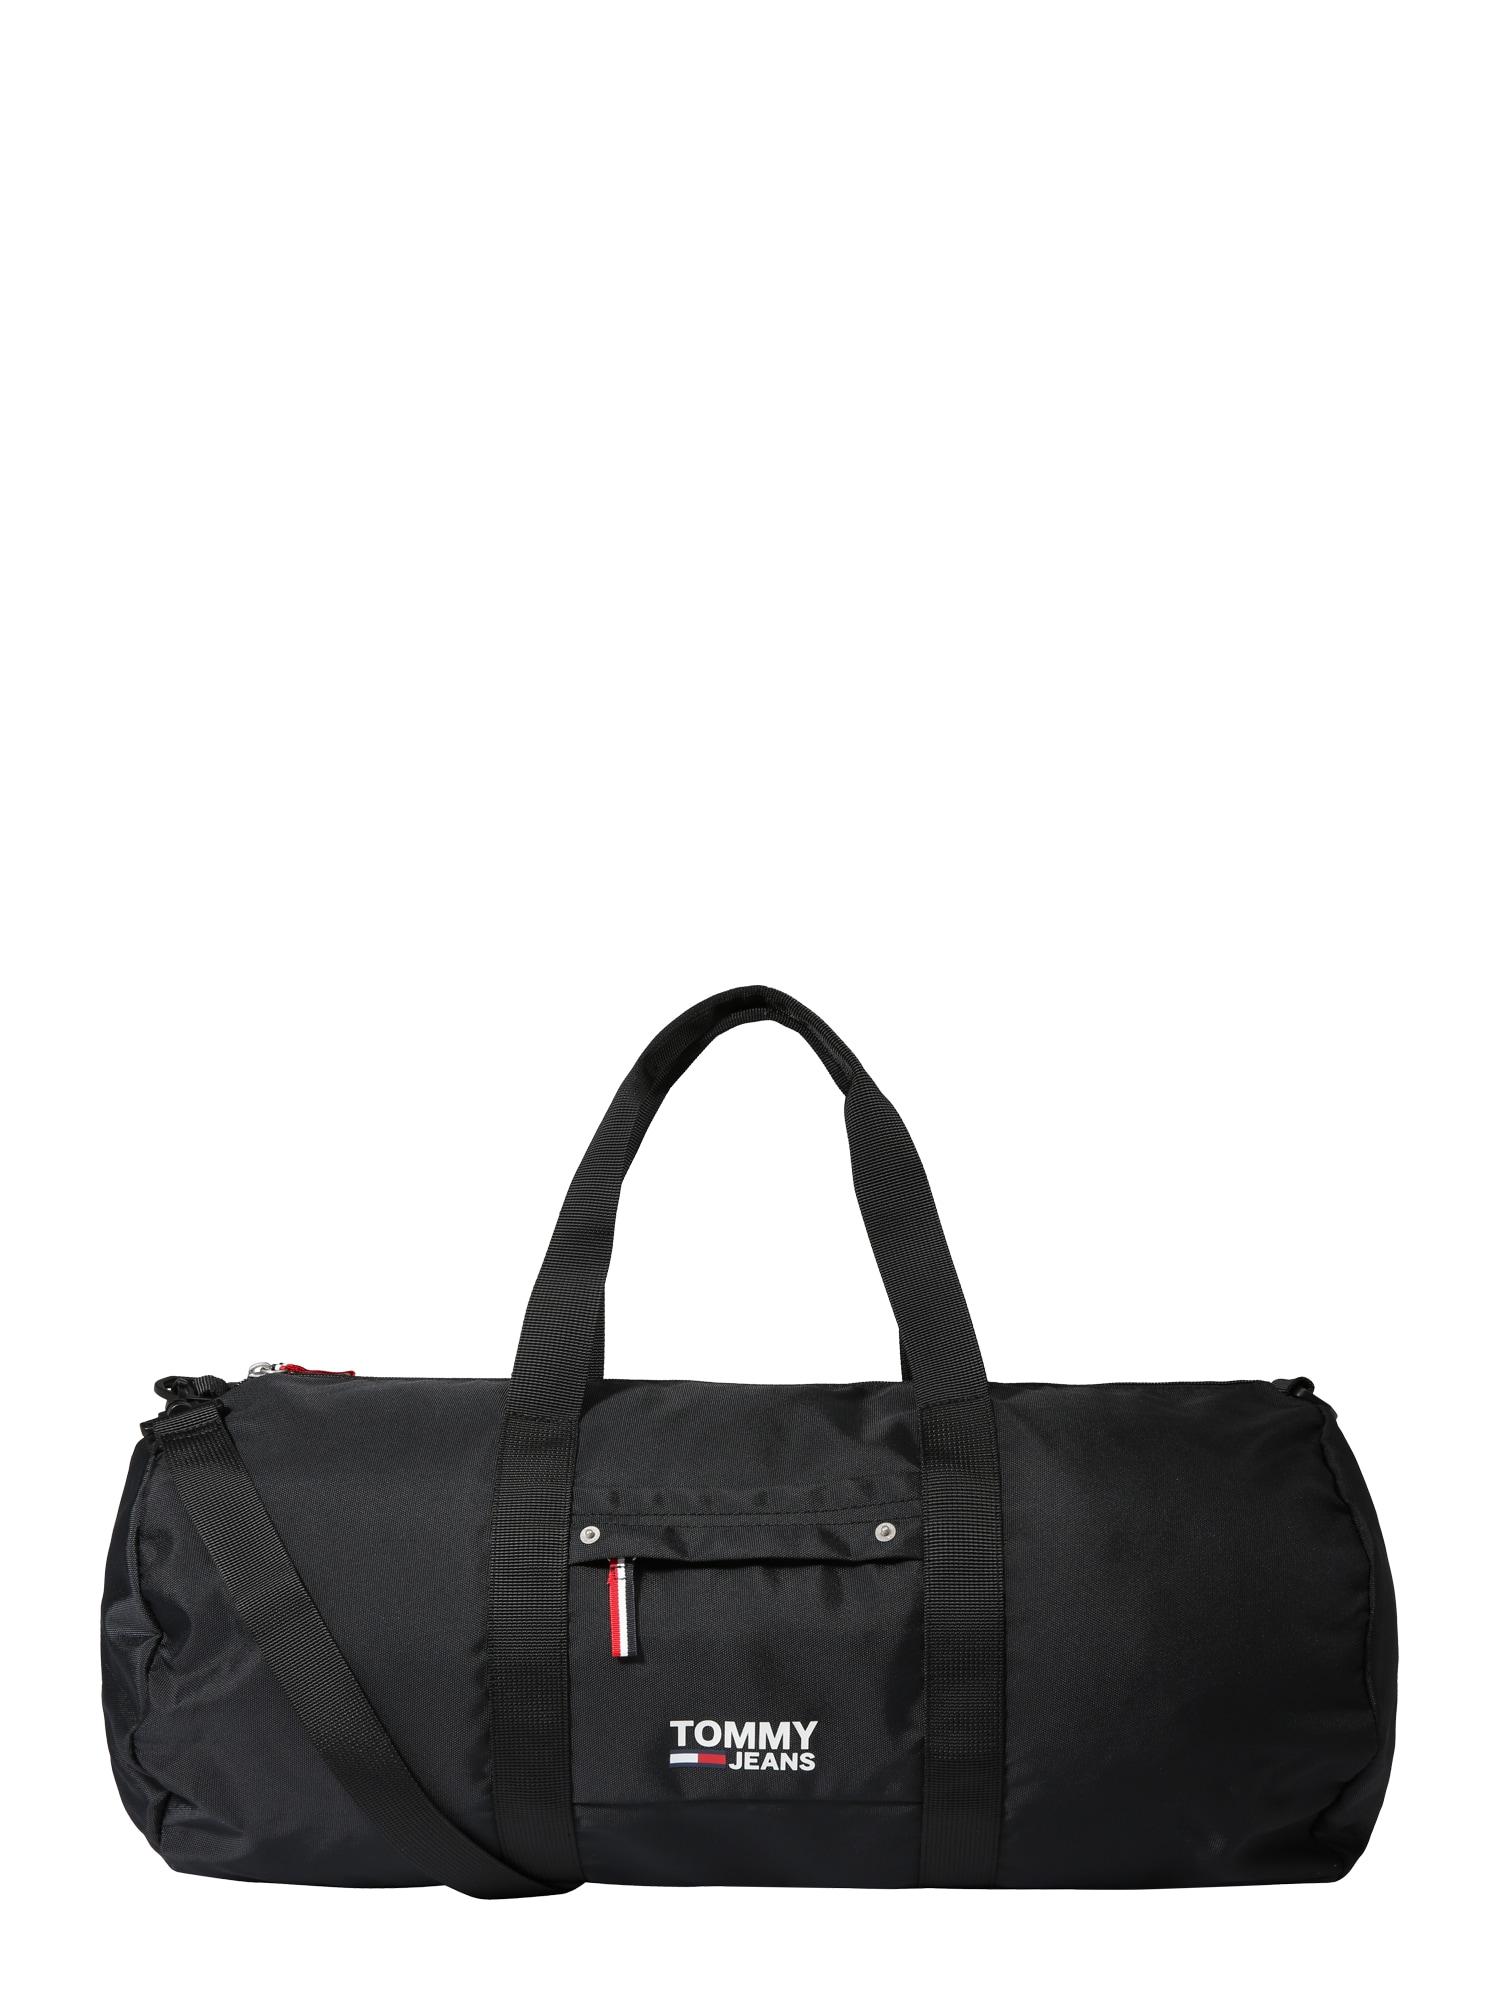 Cestovní taška Cool City Duffle černá Tommy Jeans